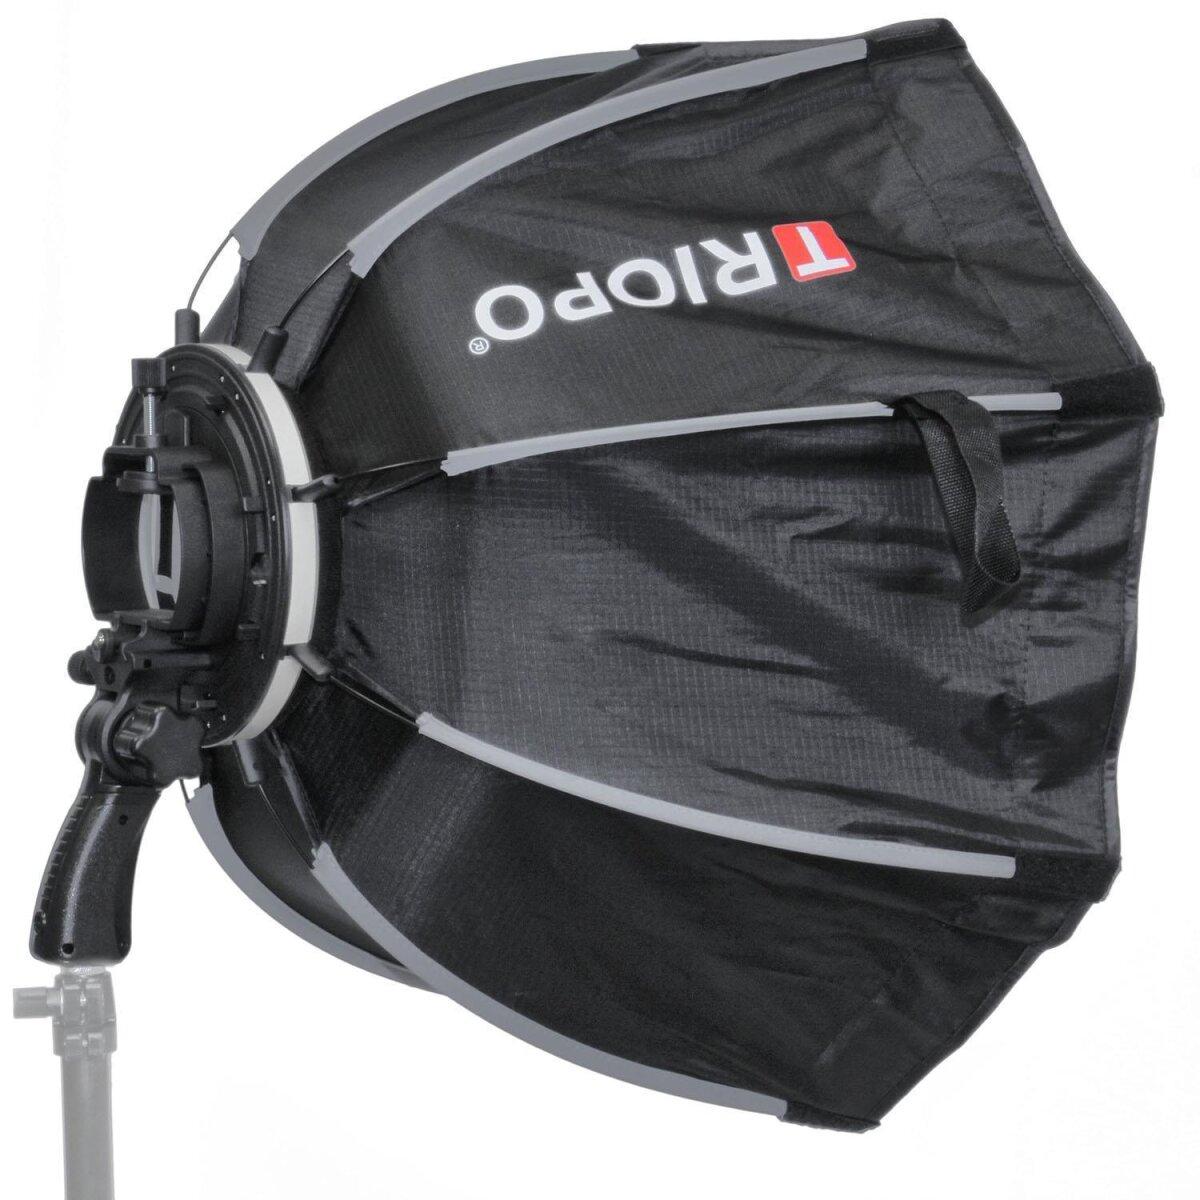 Impulsfoto Triopo MX-SK120 Softbox 120cm für Blitzgeräte + Transporttasche, Weiche Ausleuchtung, Schirm-Softbox mit 180° Neigung